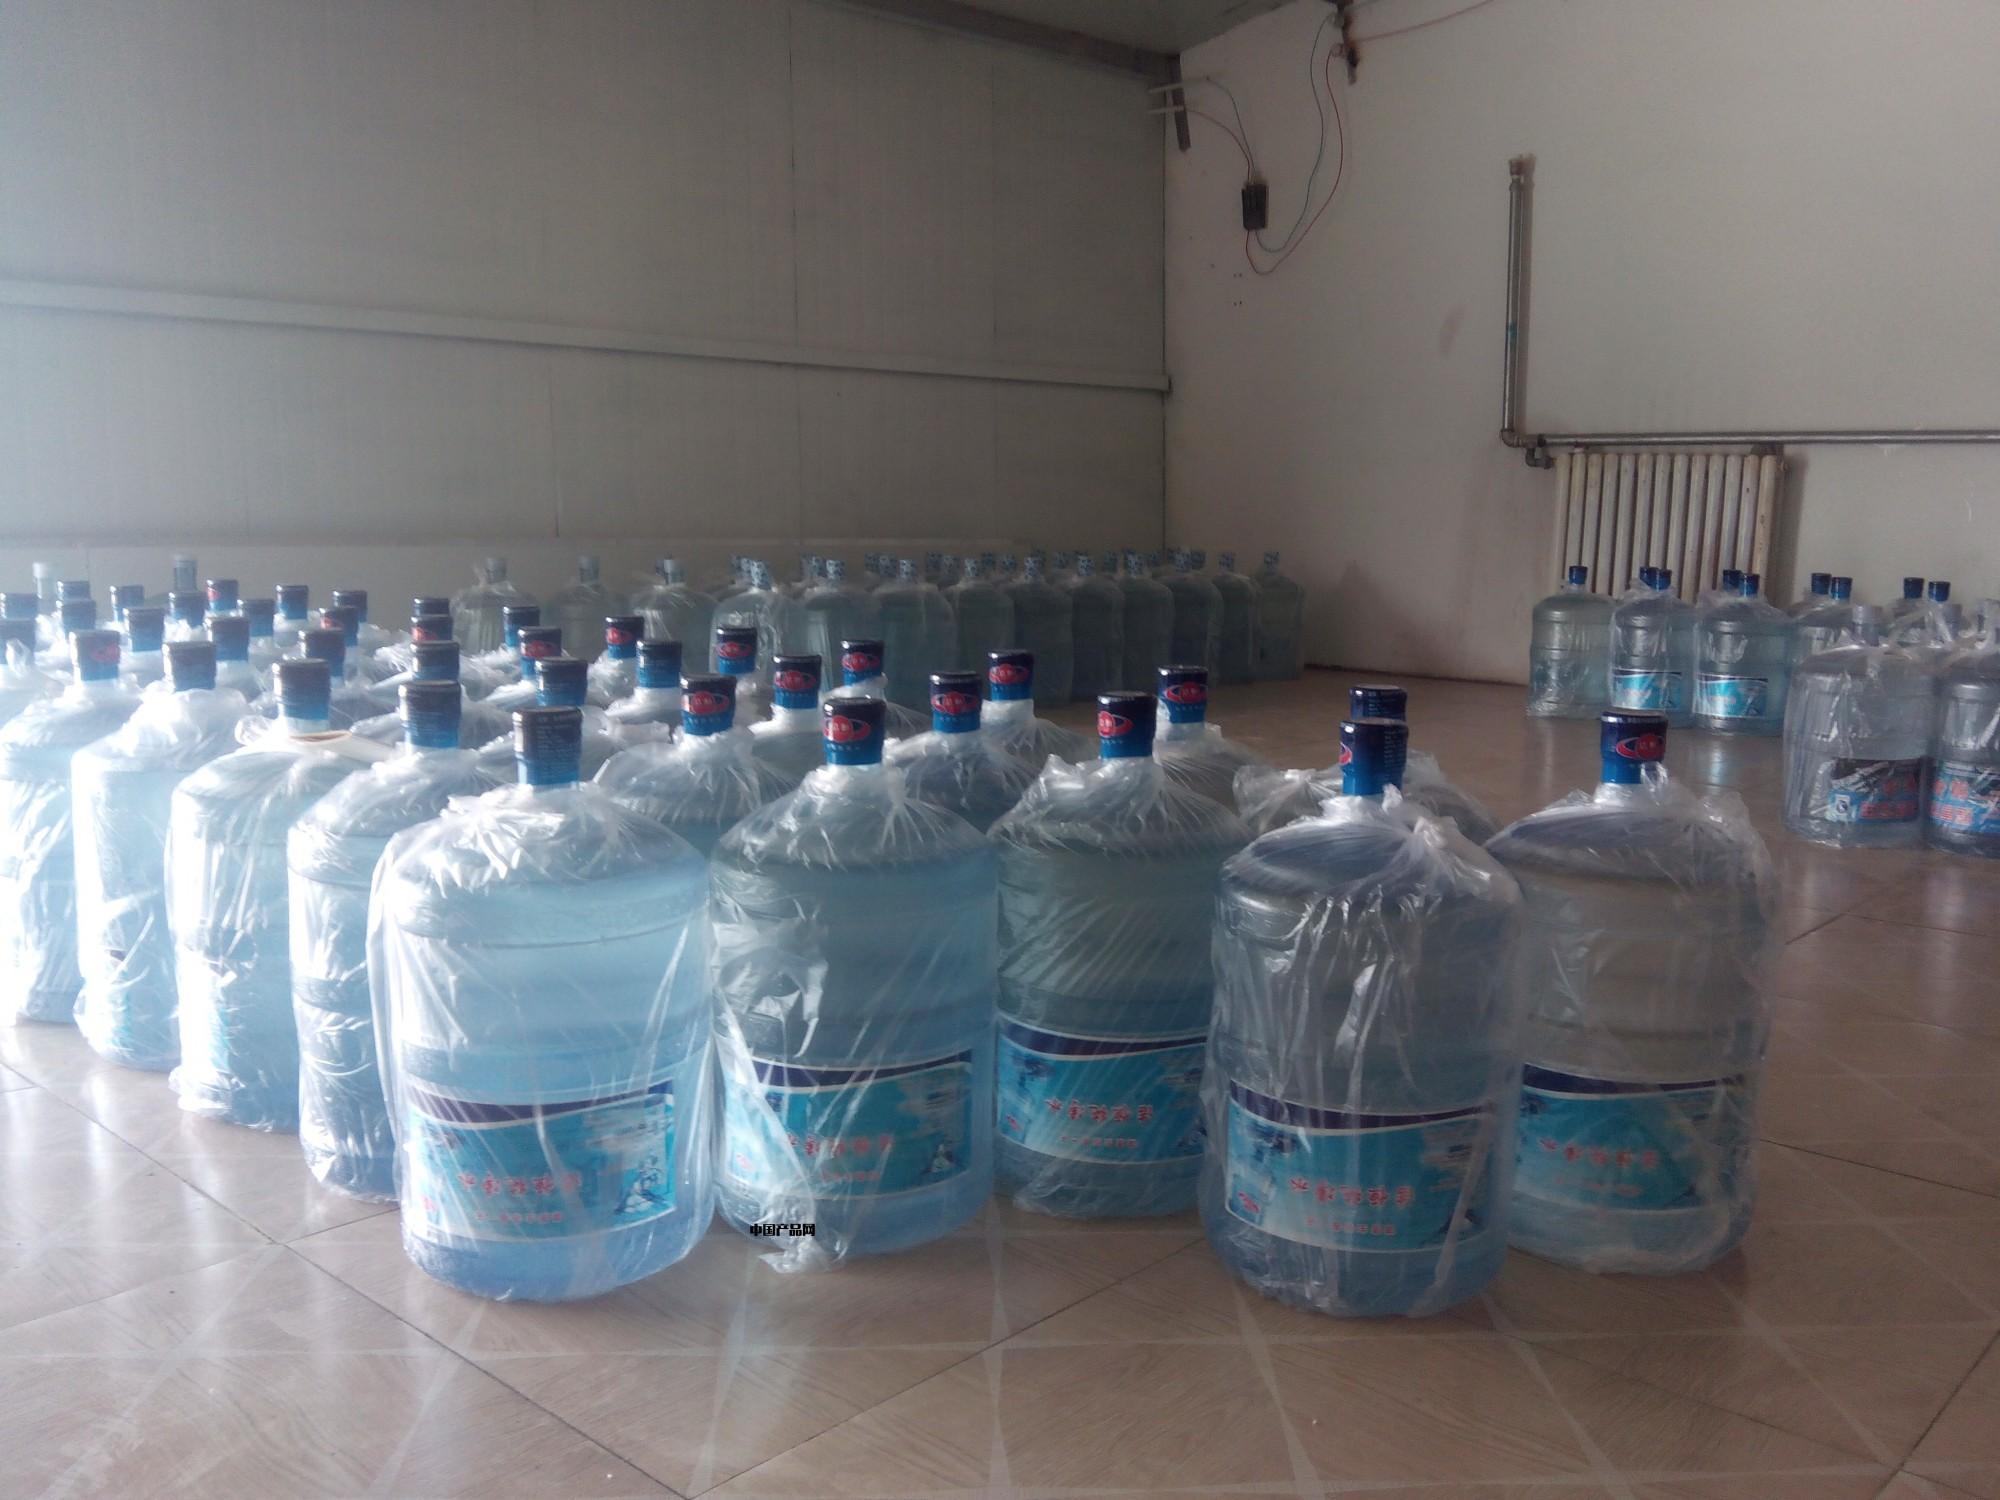 洁恒桶装水产品照片